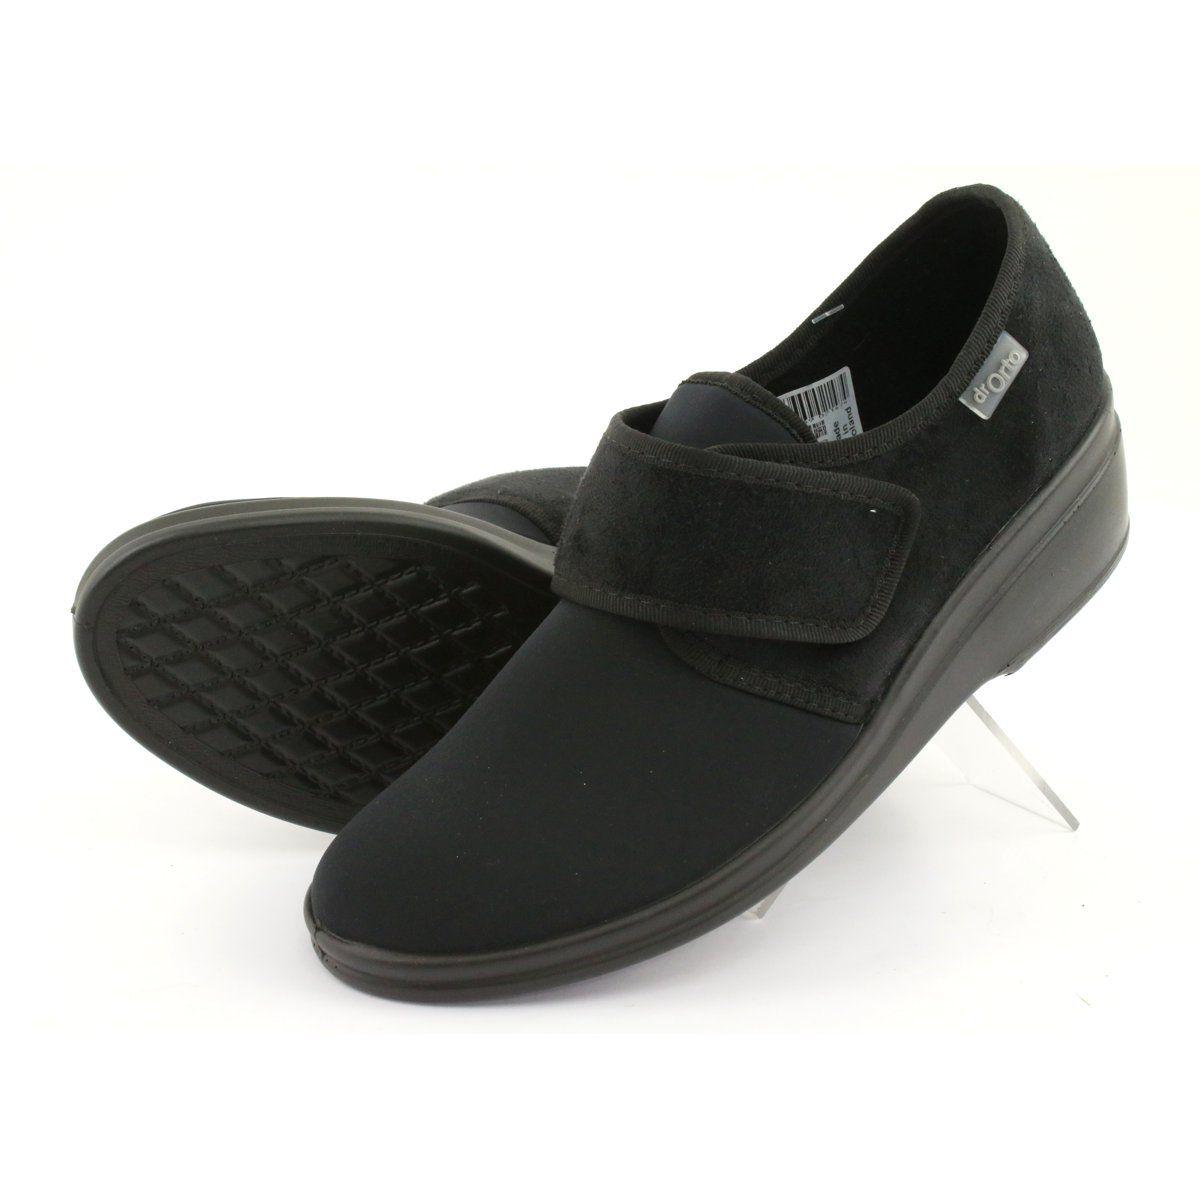 Befado Women S Shoes Pu 033d002 Black Women Shoes Shoes Dress Shoes Men